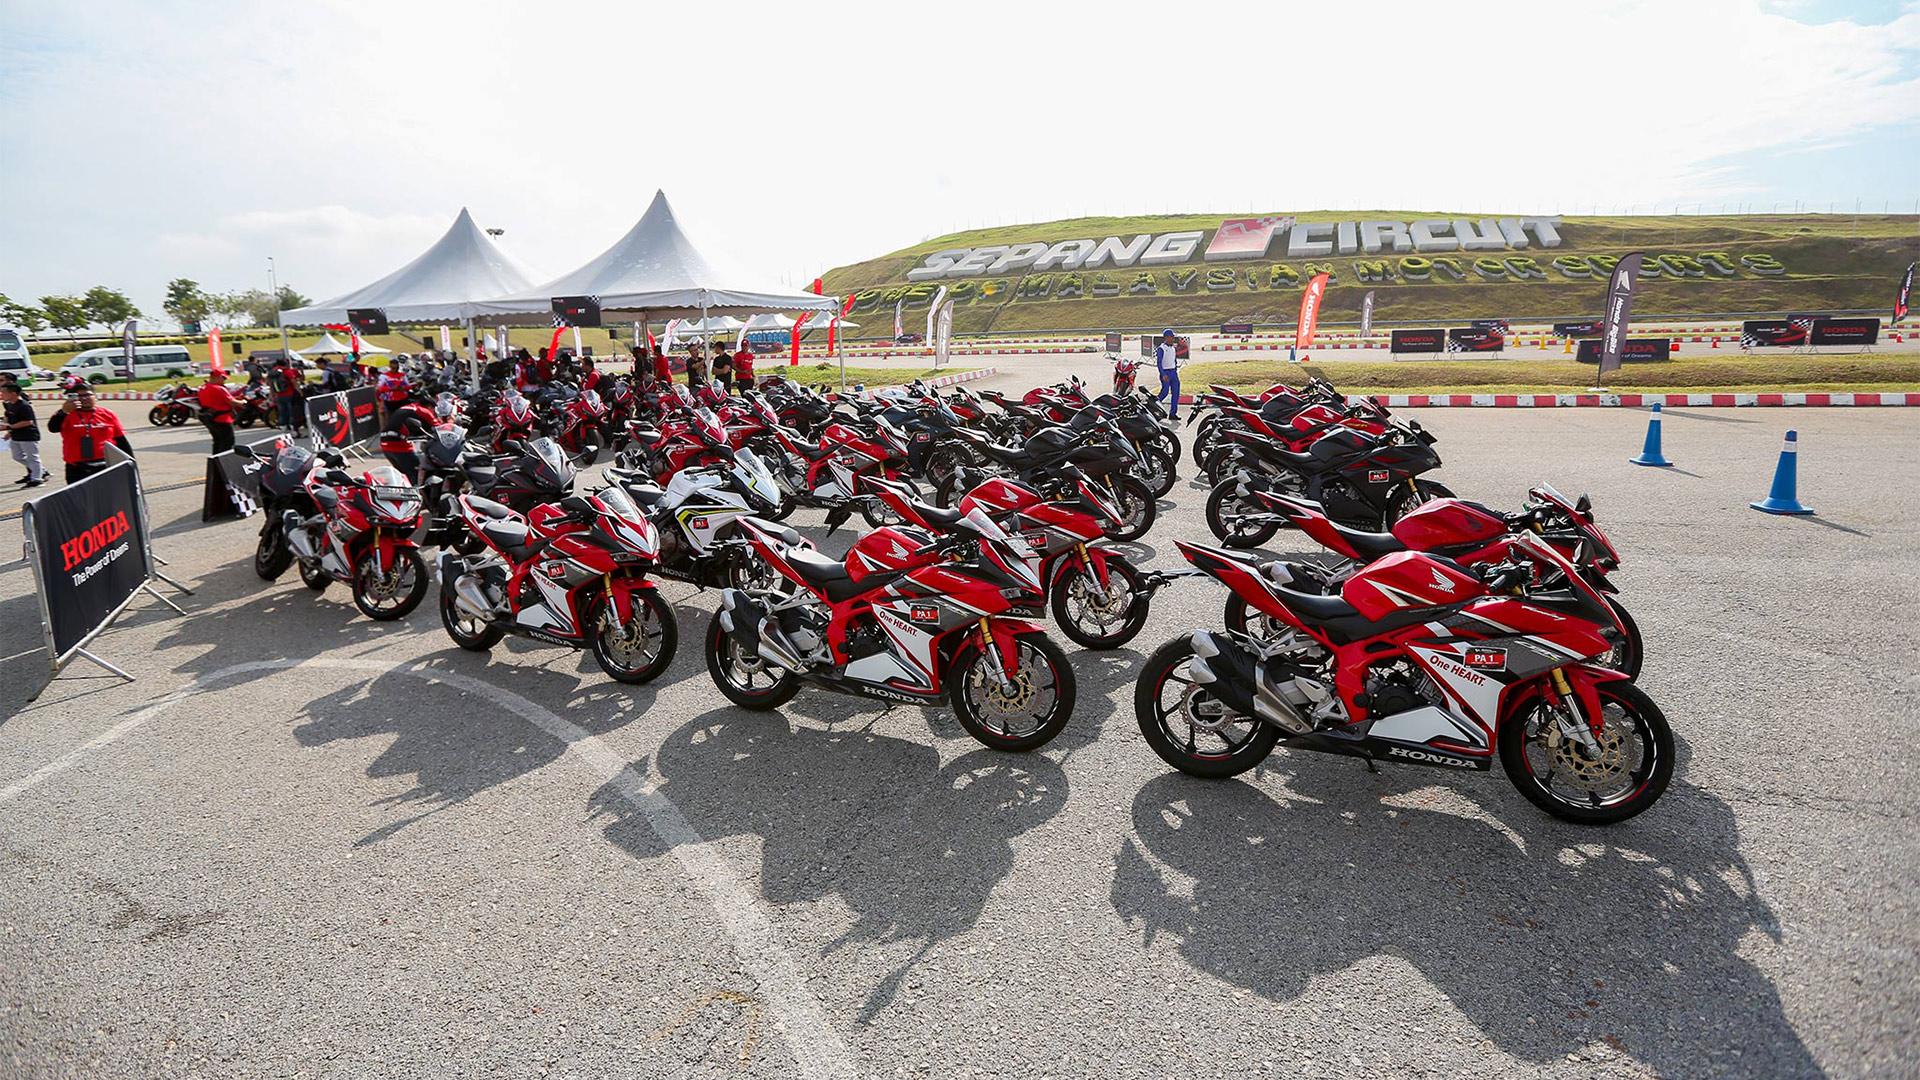 Phiêu cùng dàn mô tô CỰC CHẤT trong Hành trình Honda Asia Journey 2019